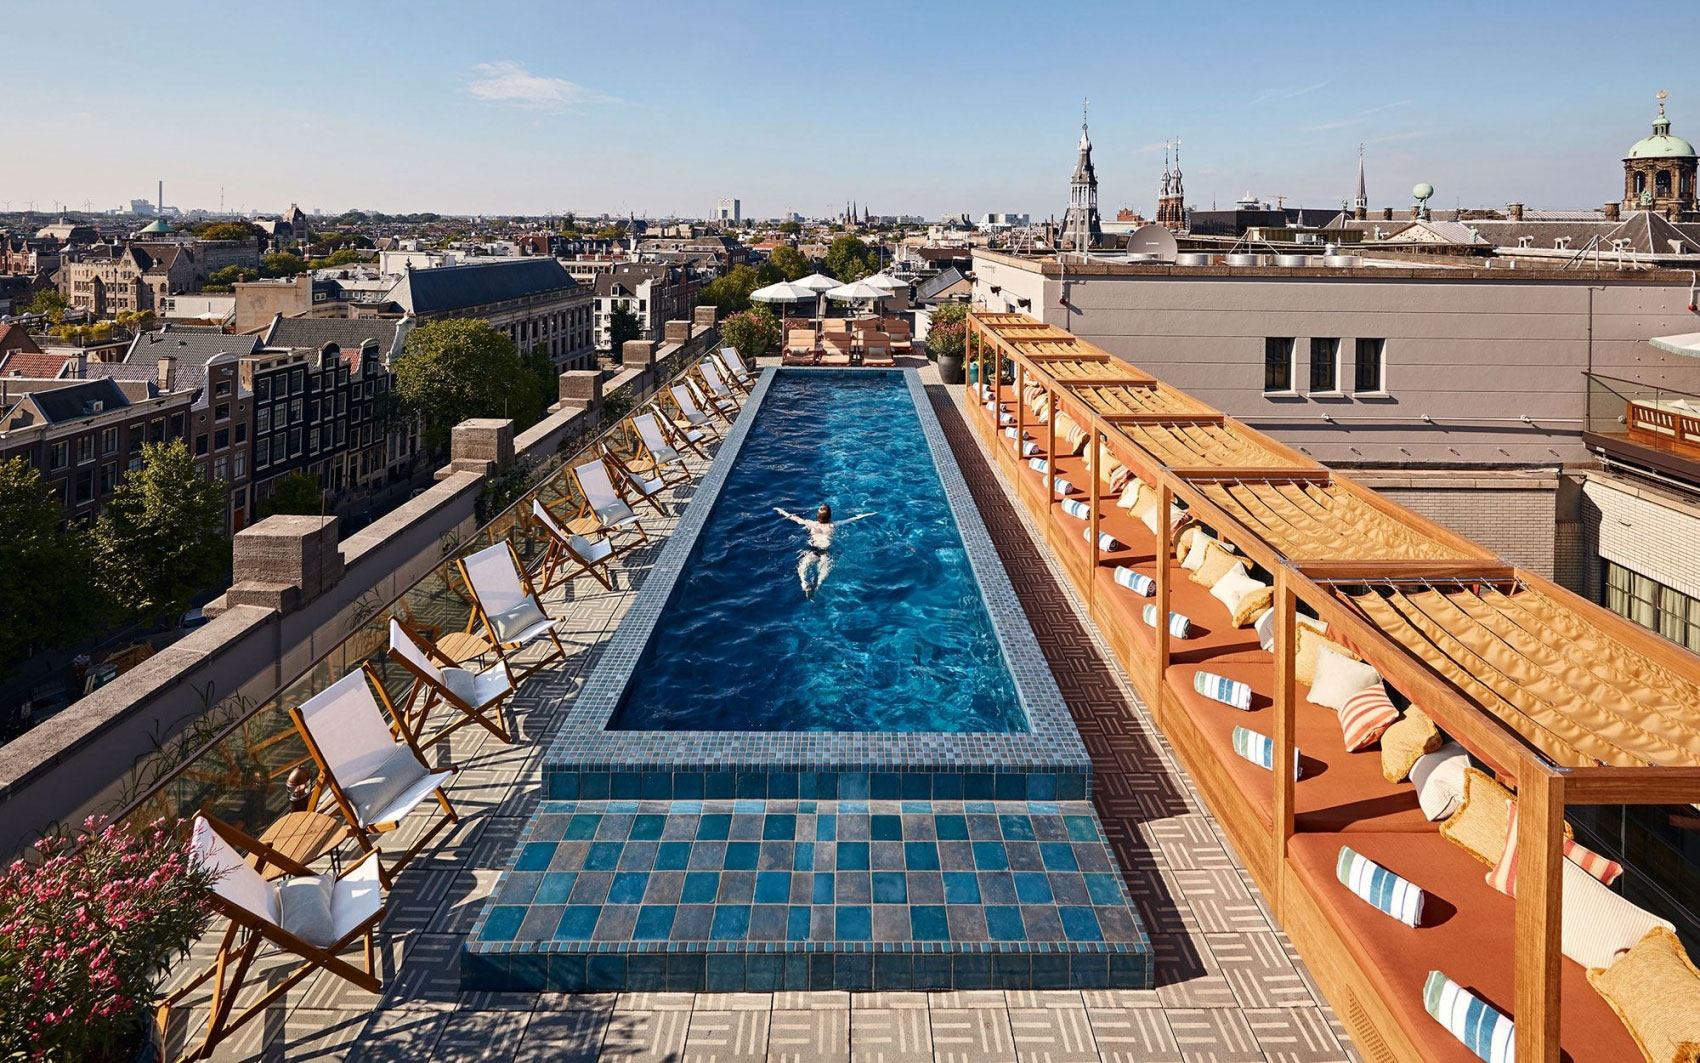 Voor veel Amsterdammers zijn hotelbars dé plek om uit te gaan